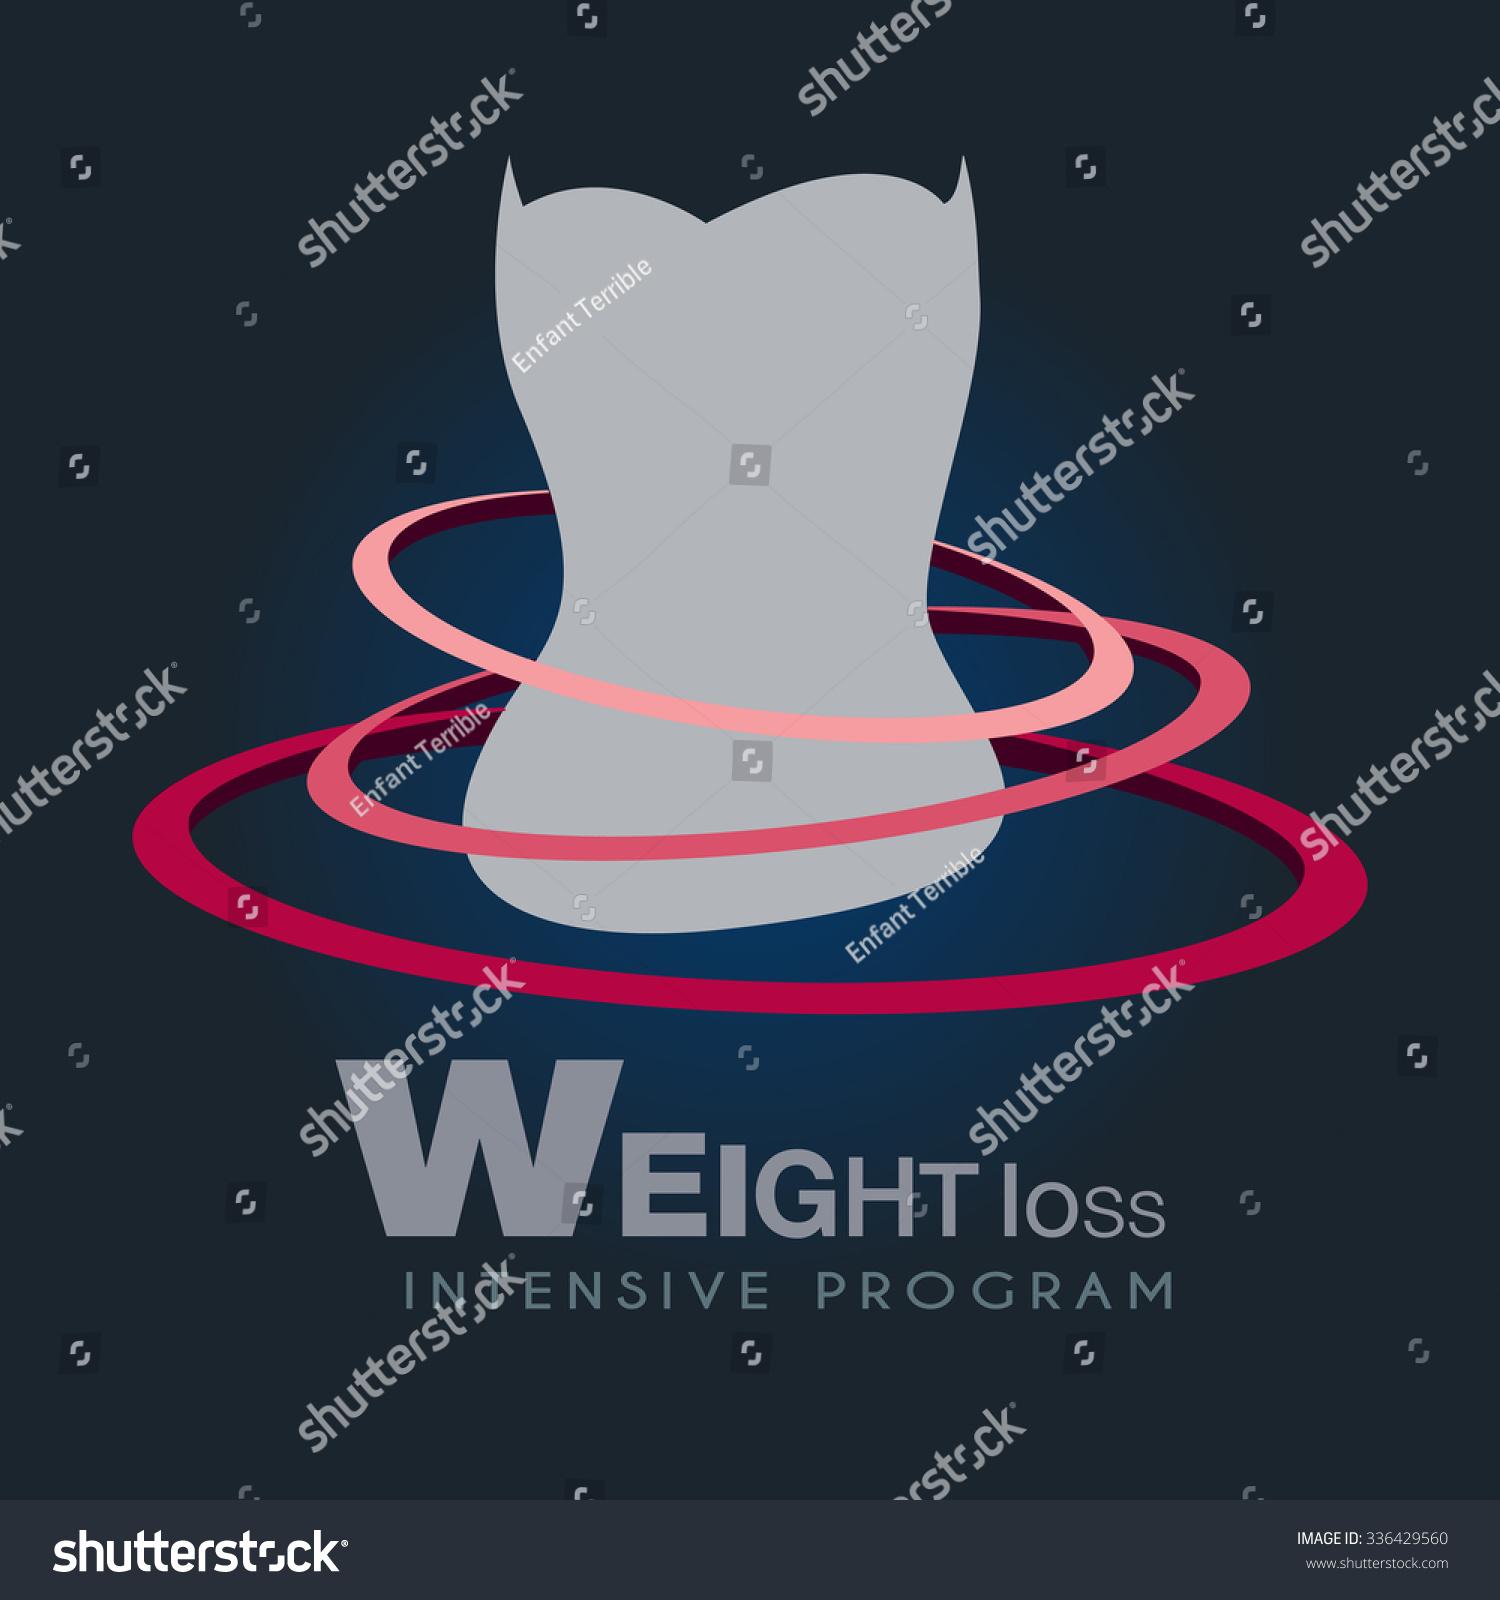 女性与象征性的动态轮廓环形状健身和减肥矢量插图.